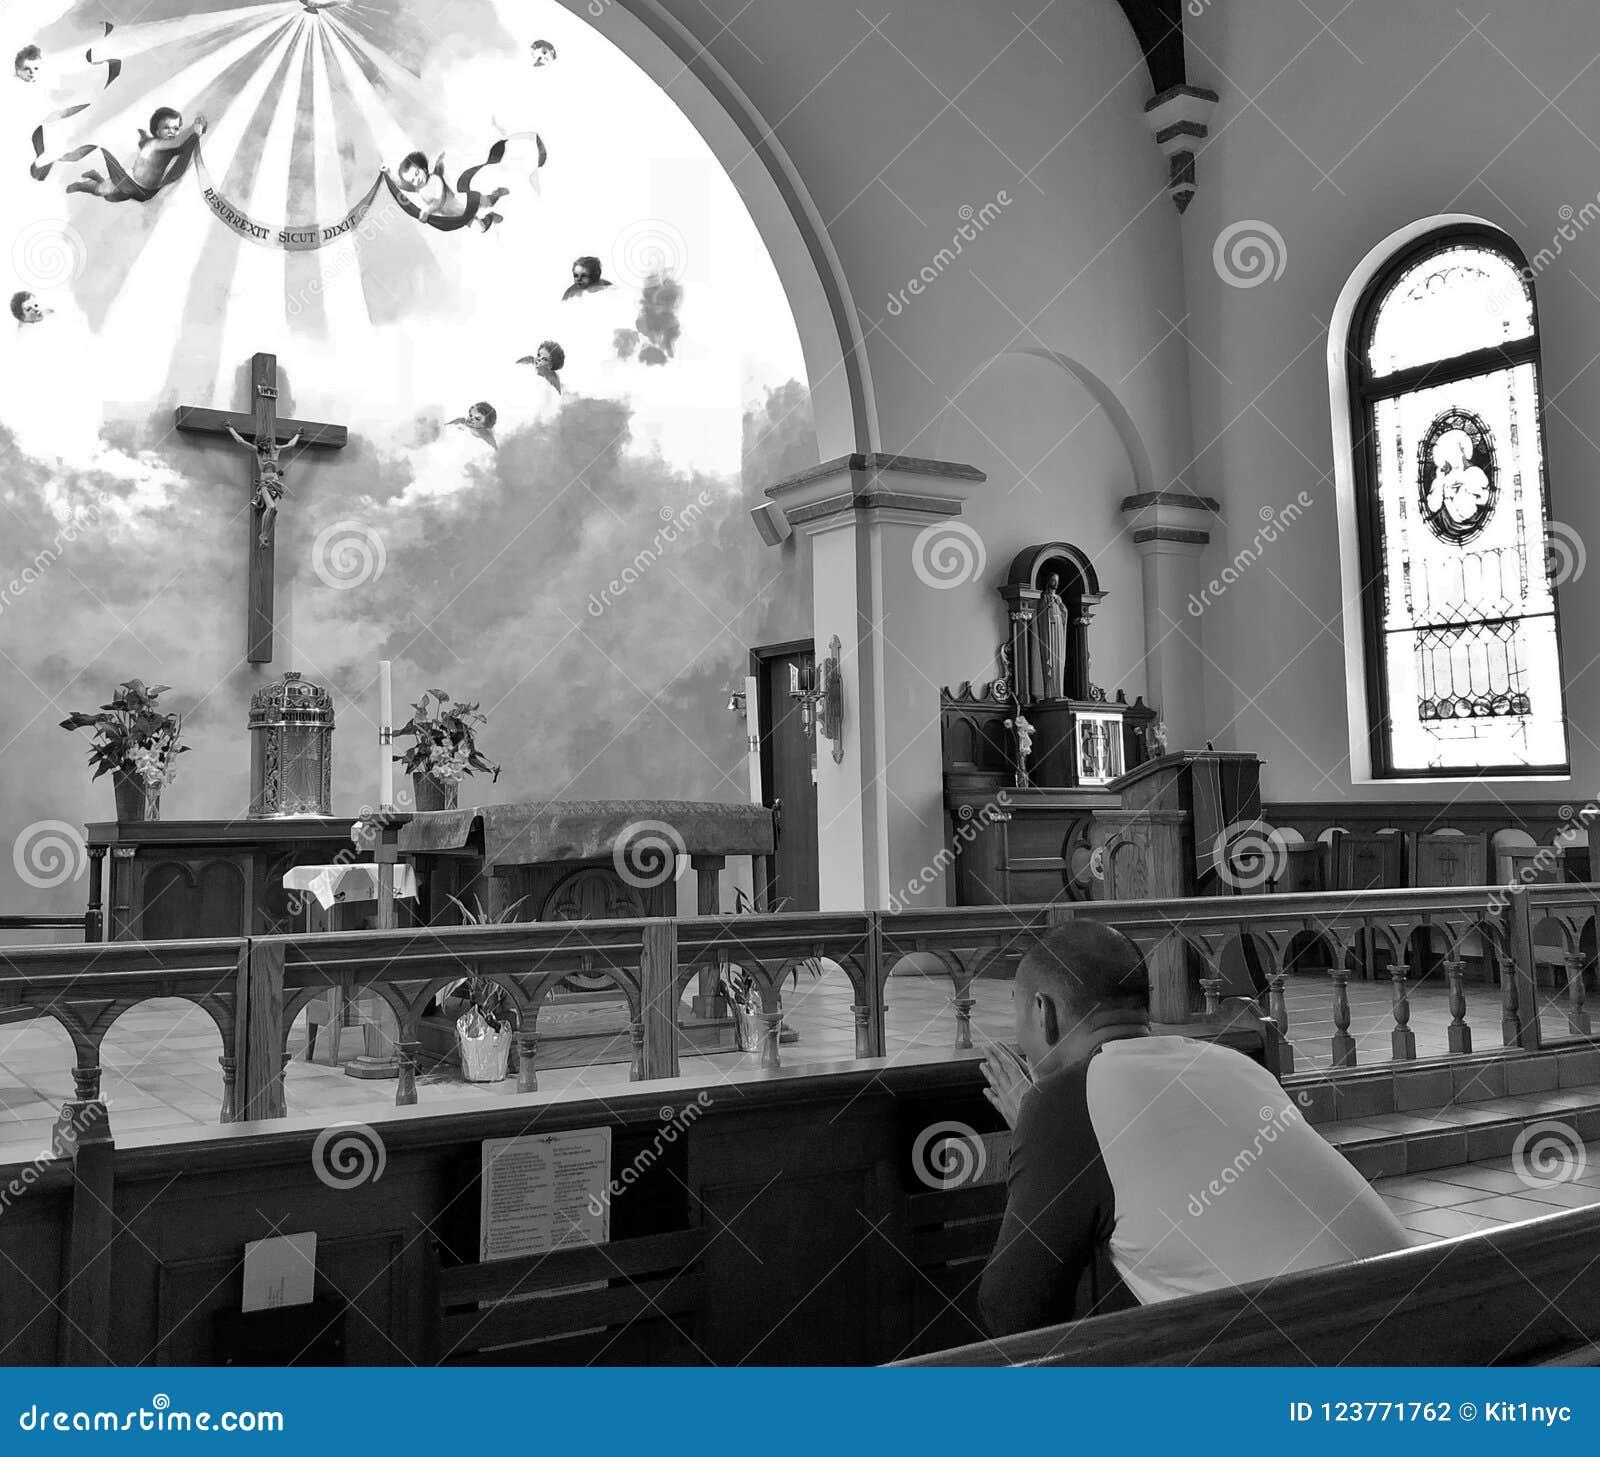 Homem que reza dentro de uma igreja religiosa com vitral e cruz bonitos